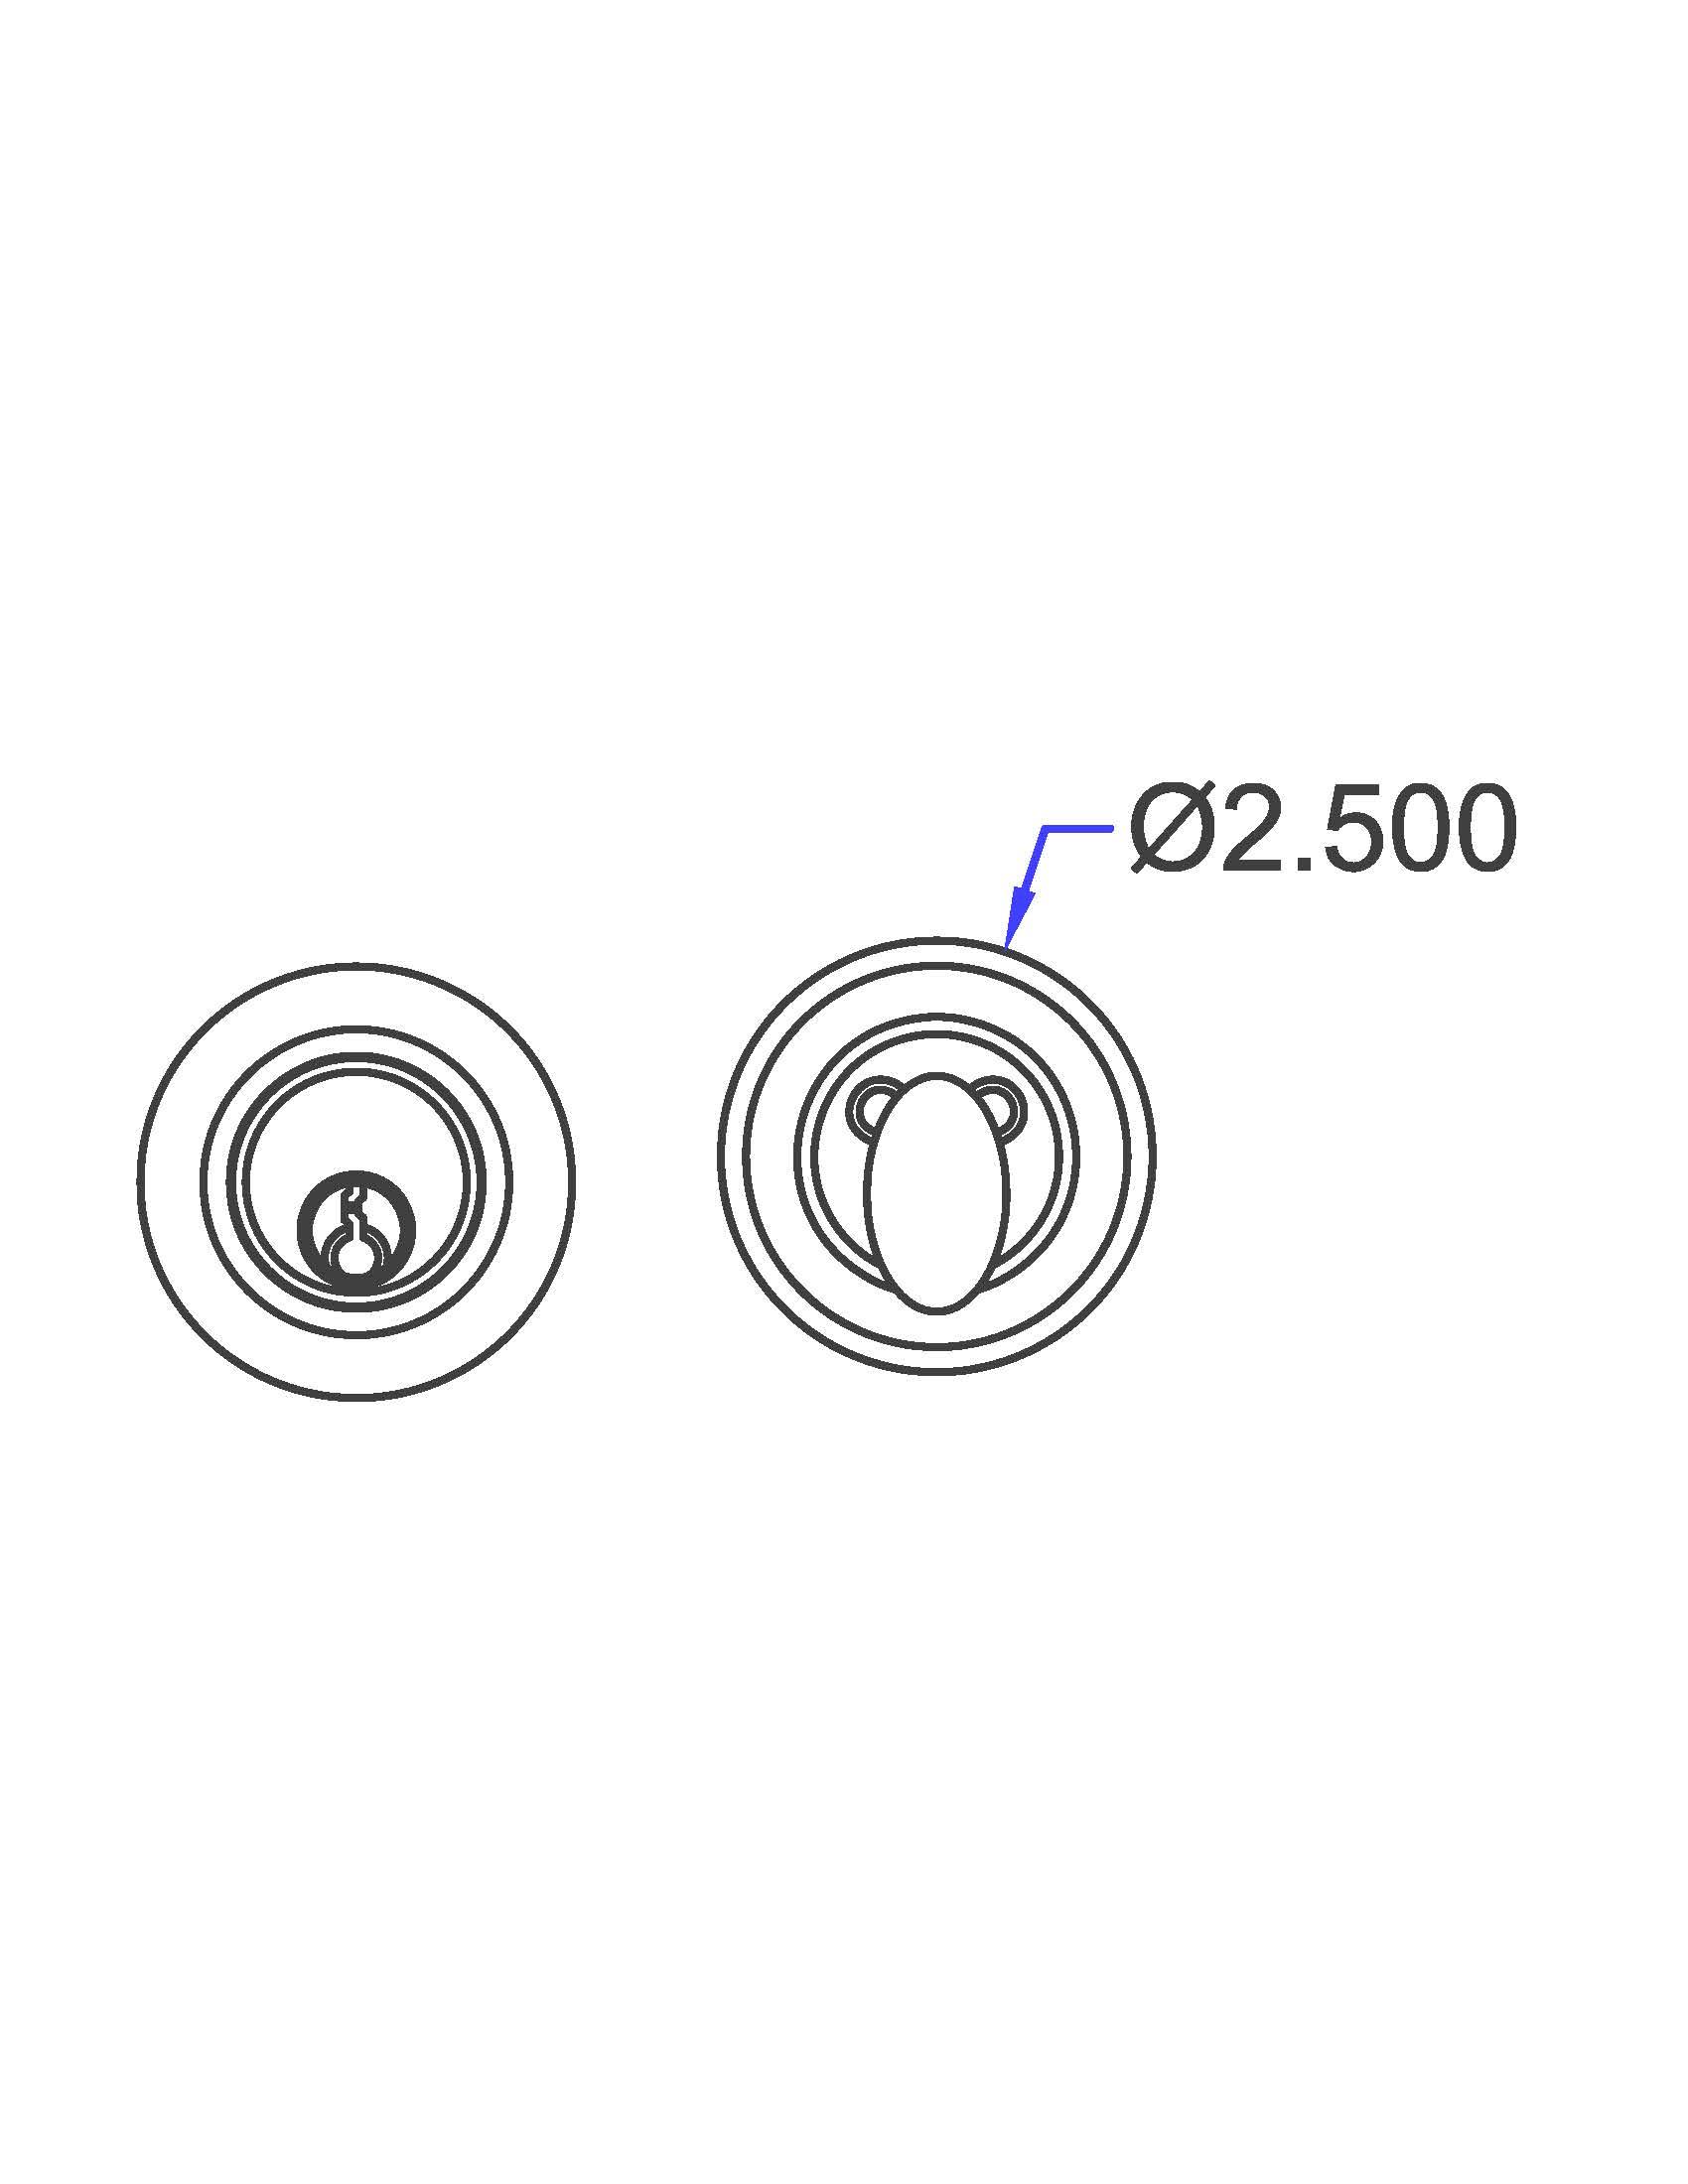 Multipoint Lock Door Handles